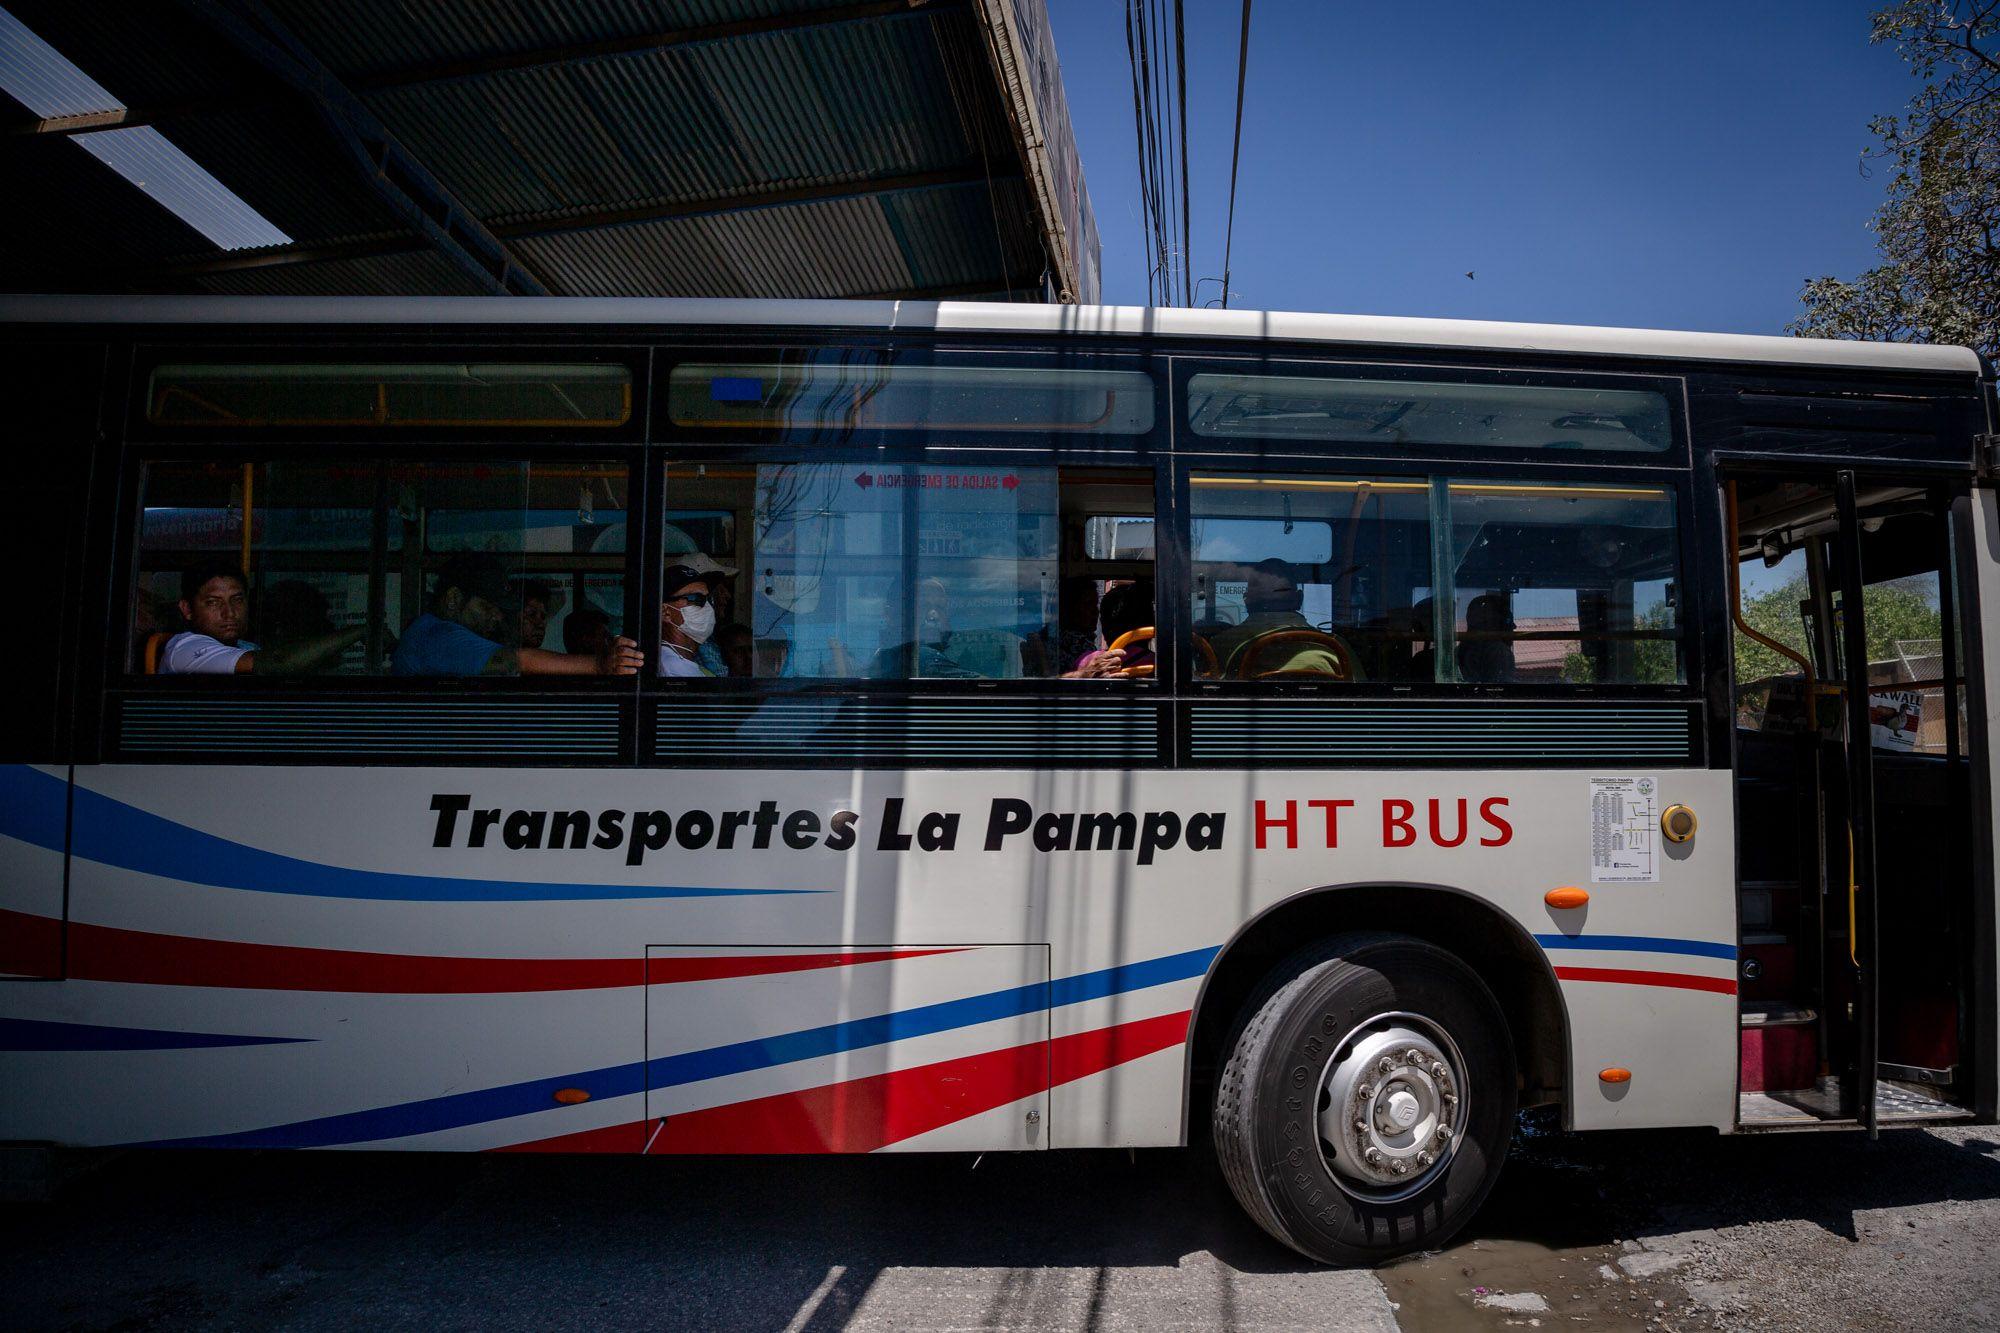 Los horarios pueden variar según la cantidad de personas que viajen en los buses y si hay bloqueos dentro de la ruta.